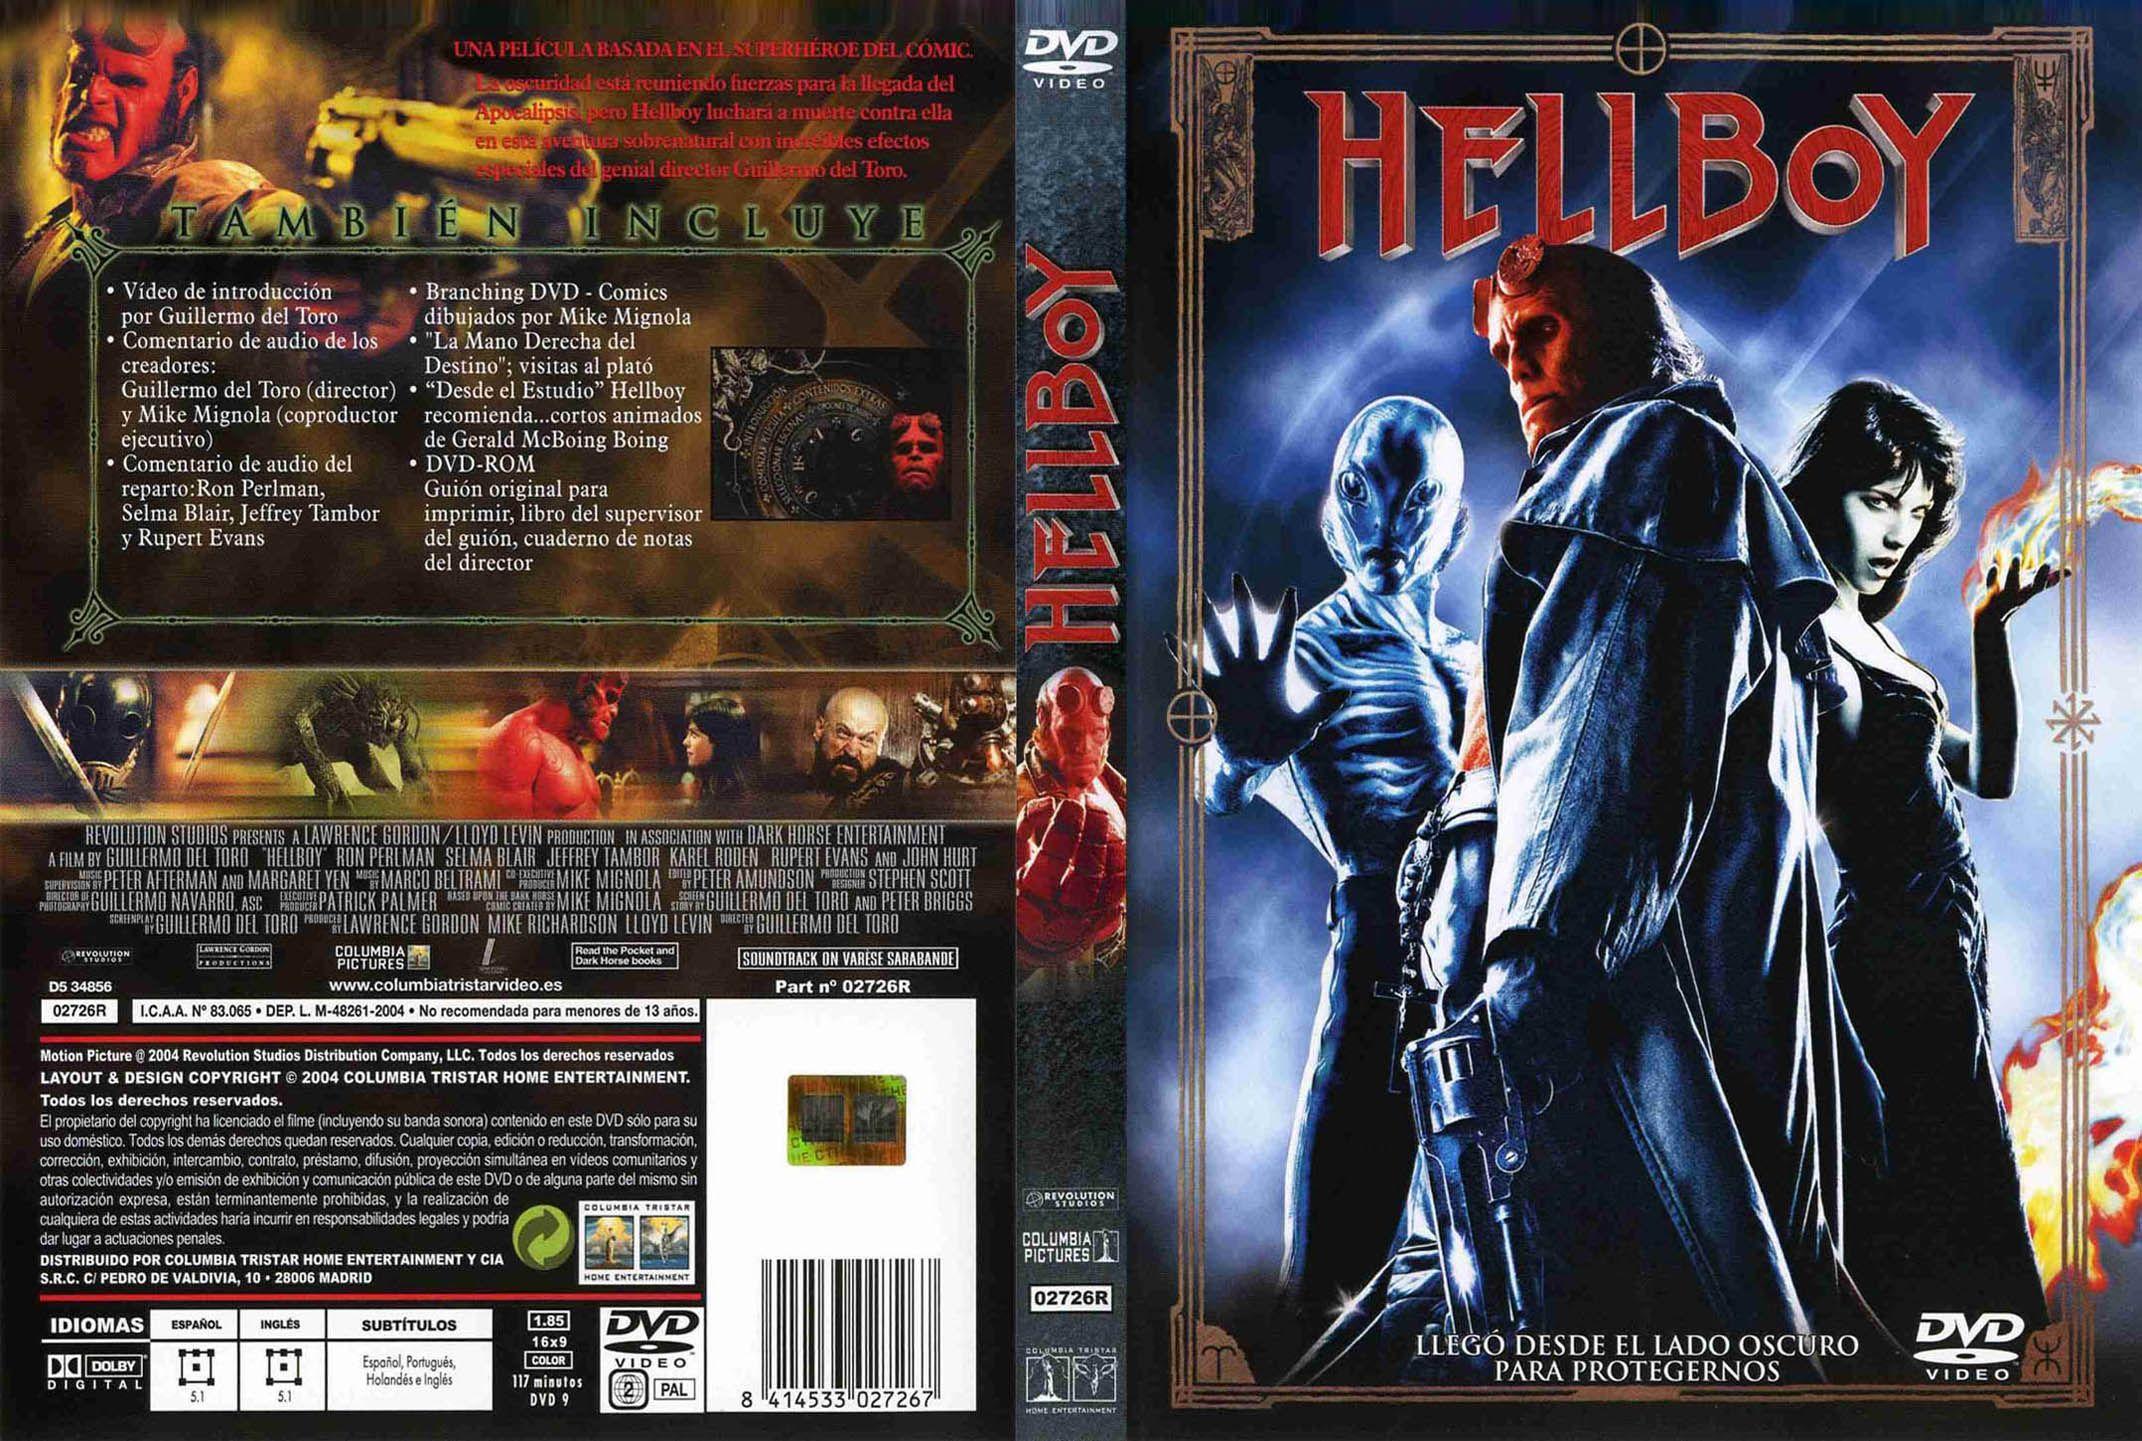 formato caratula dvd